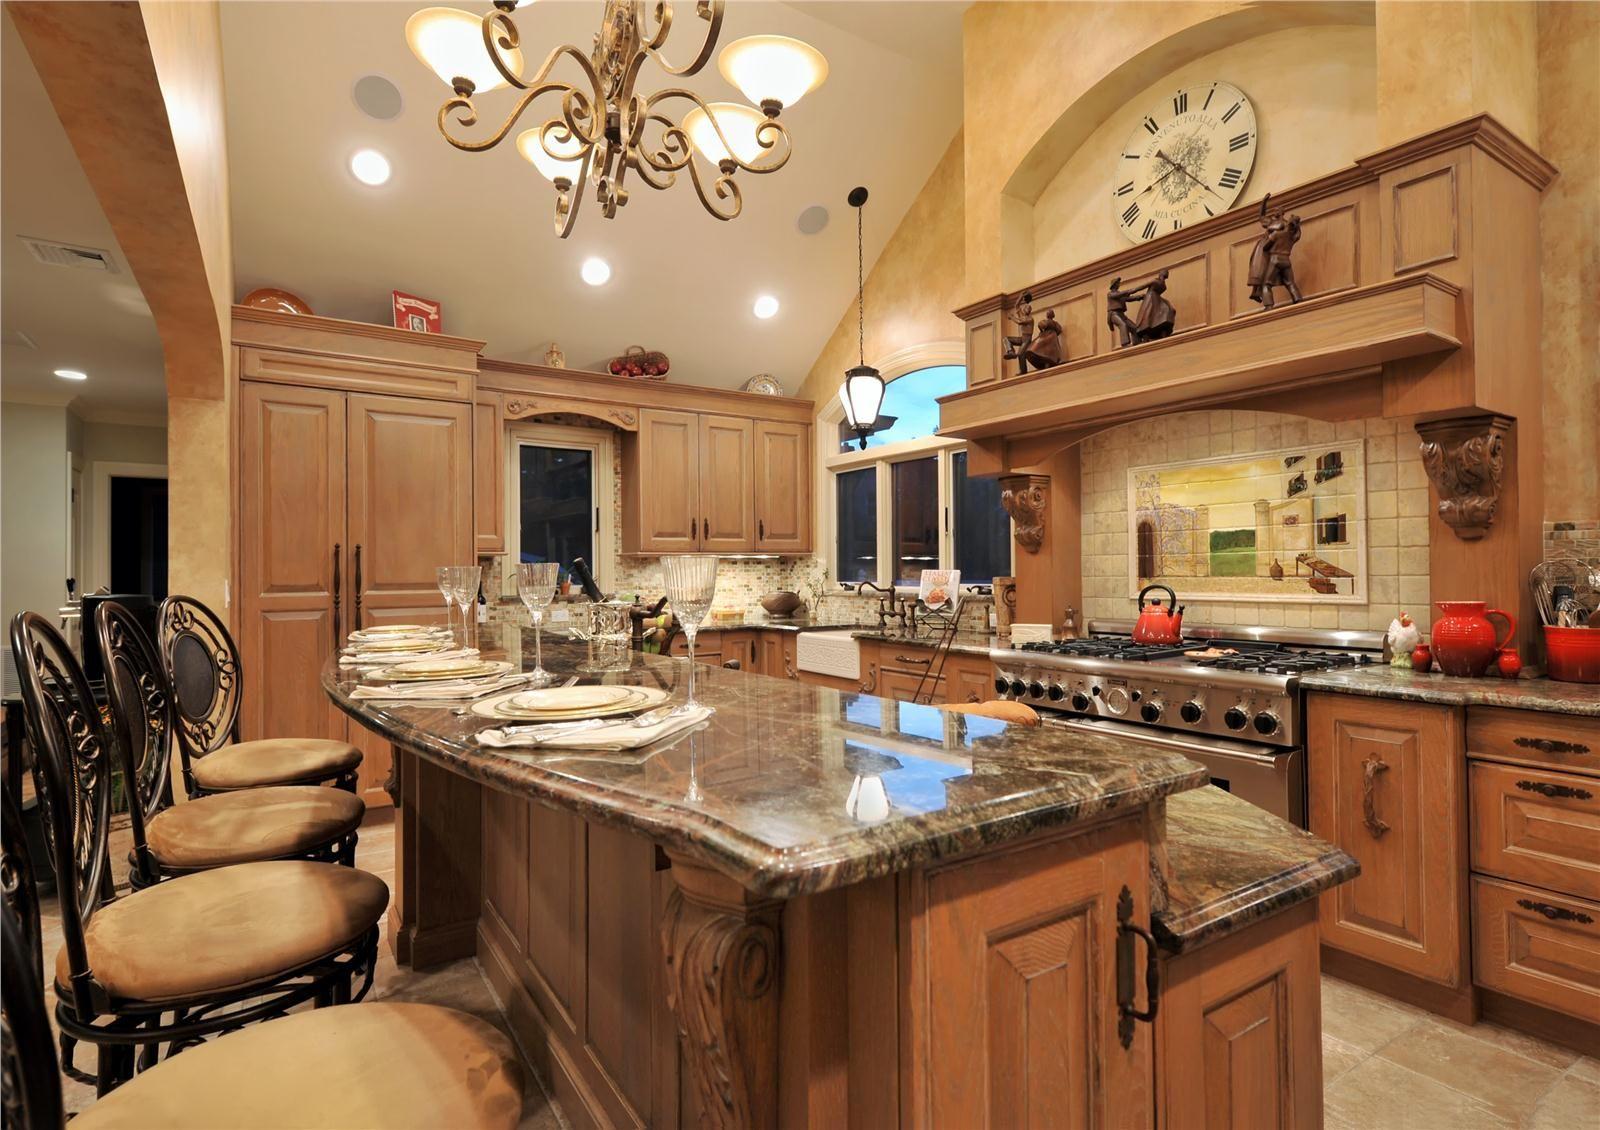 Дизайн интерьера кухни с барной стойкой в современном стиле